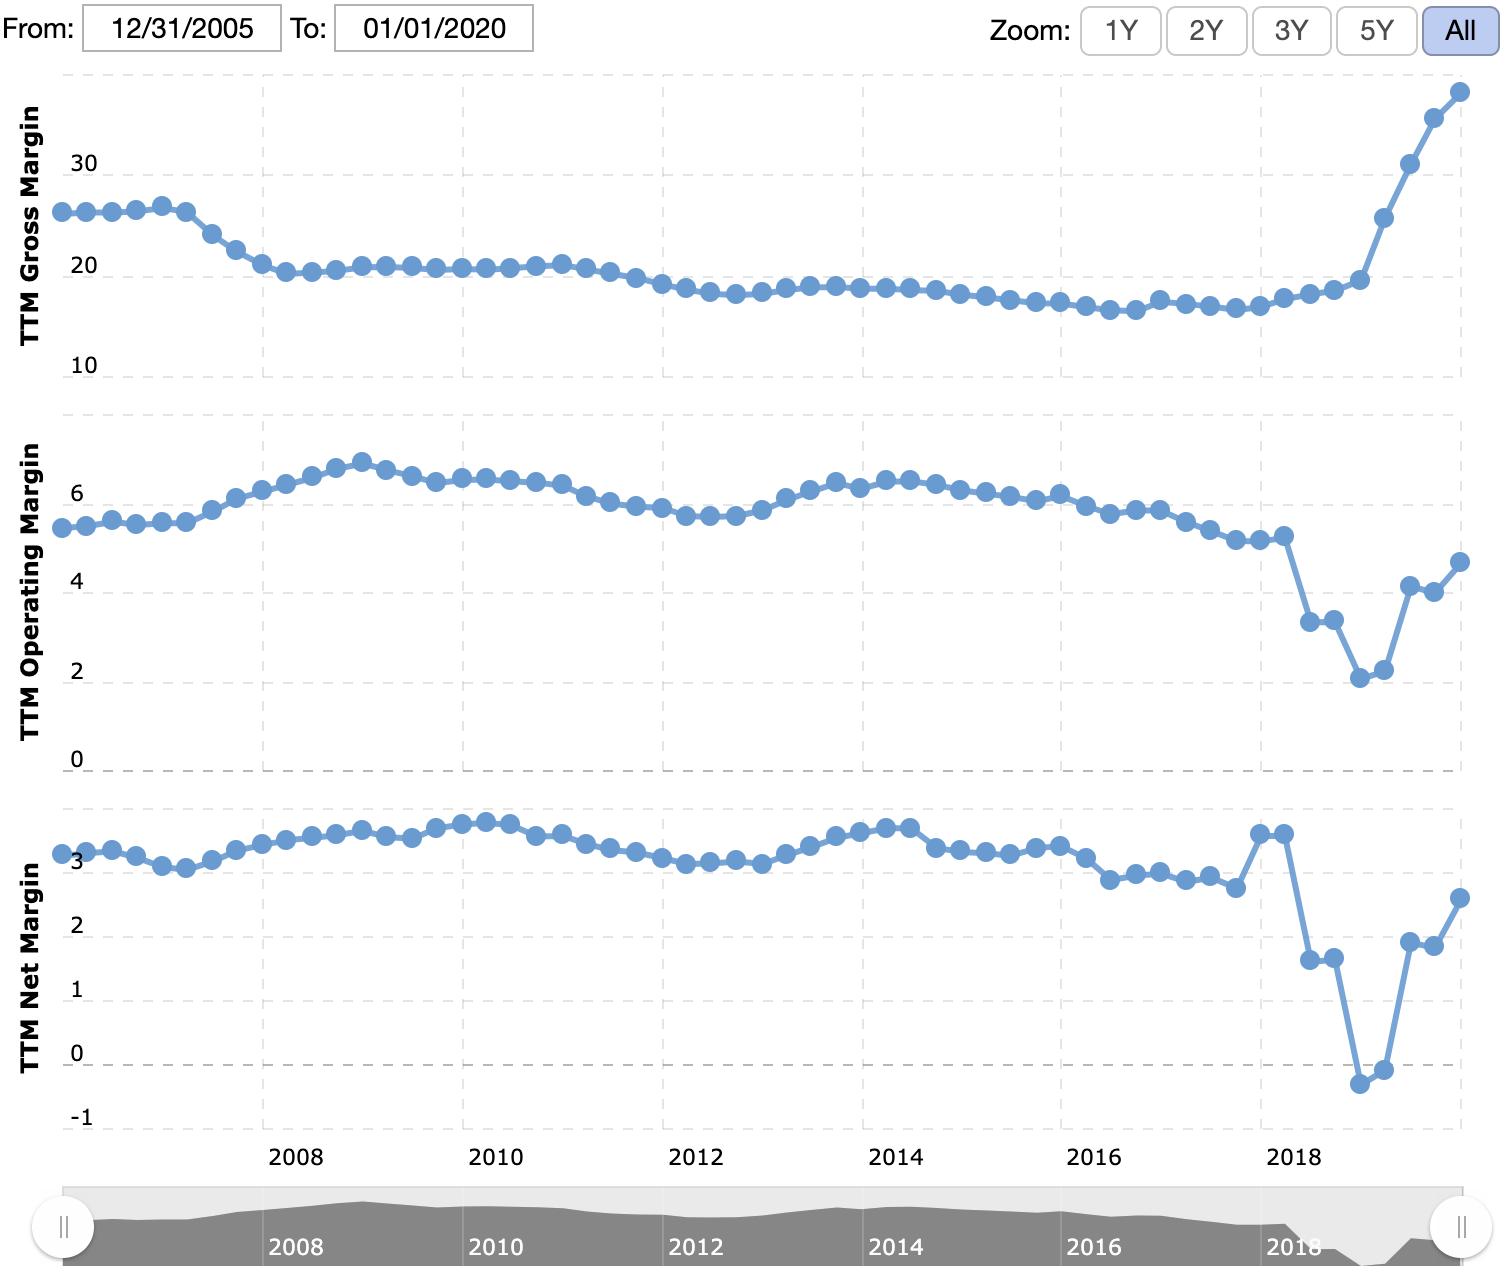 Валовая маржа компании, операционная маржа, итоговая маржа в процентах от выручки. Источник: Macrotrends